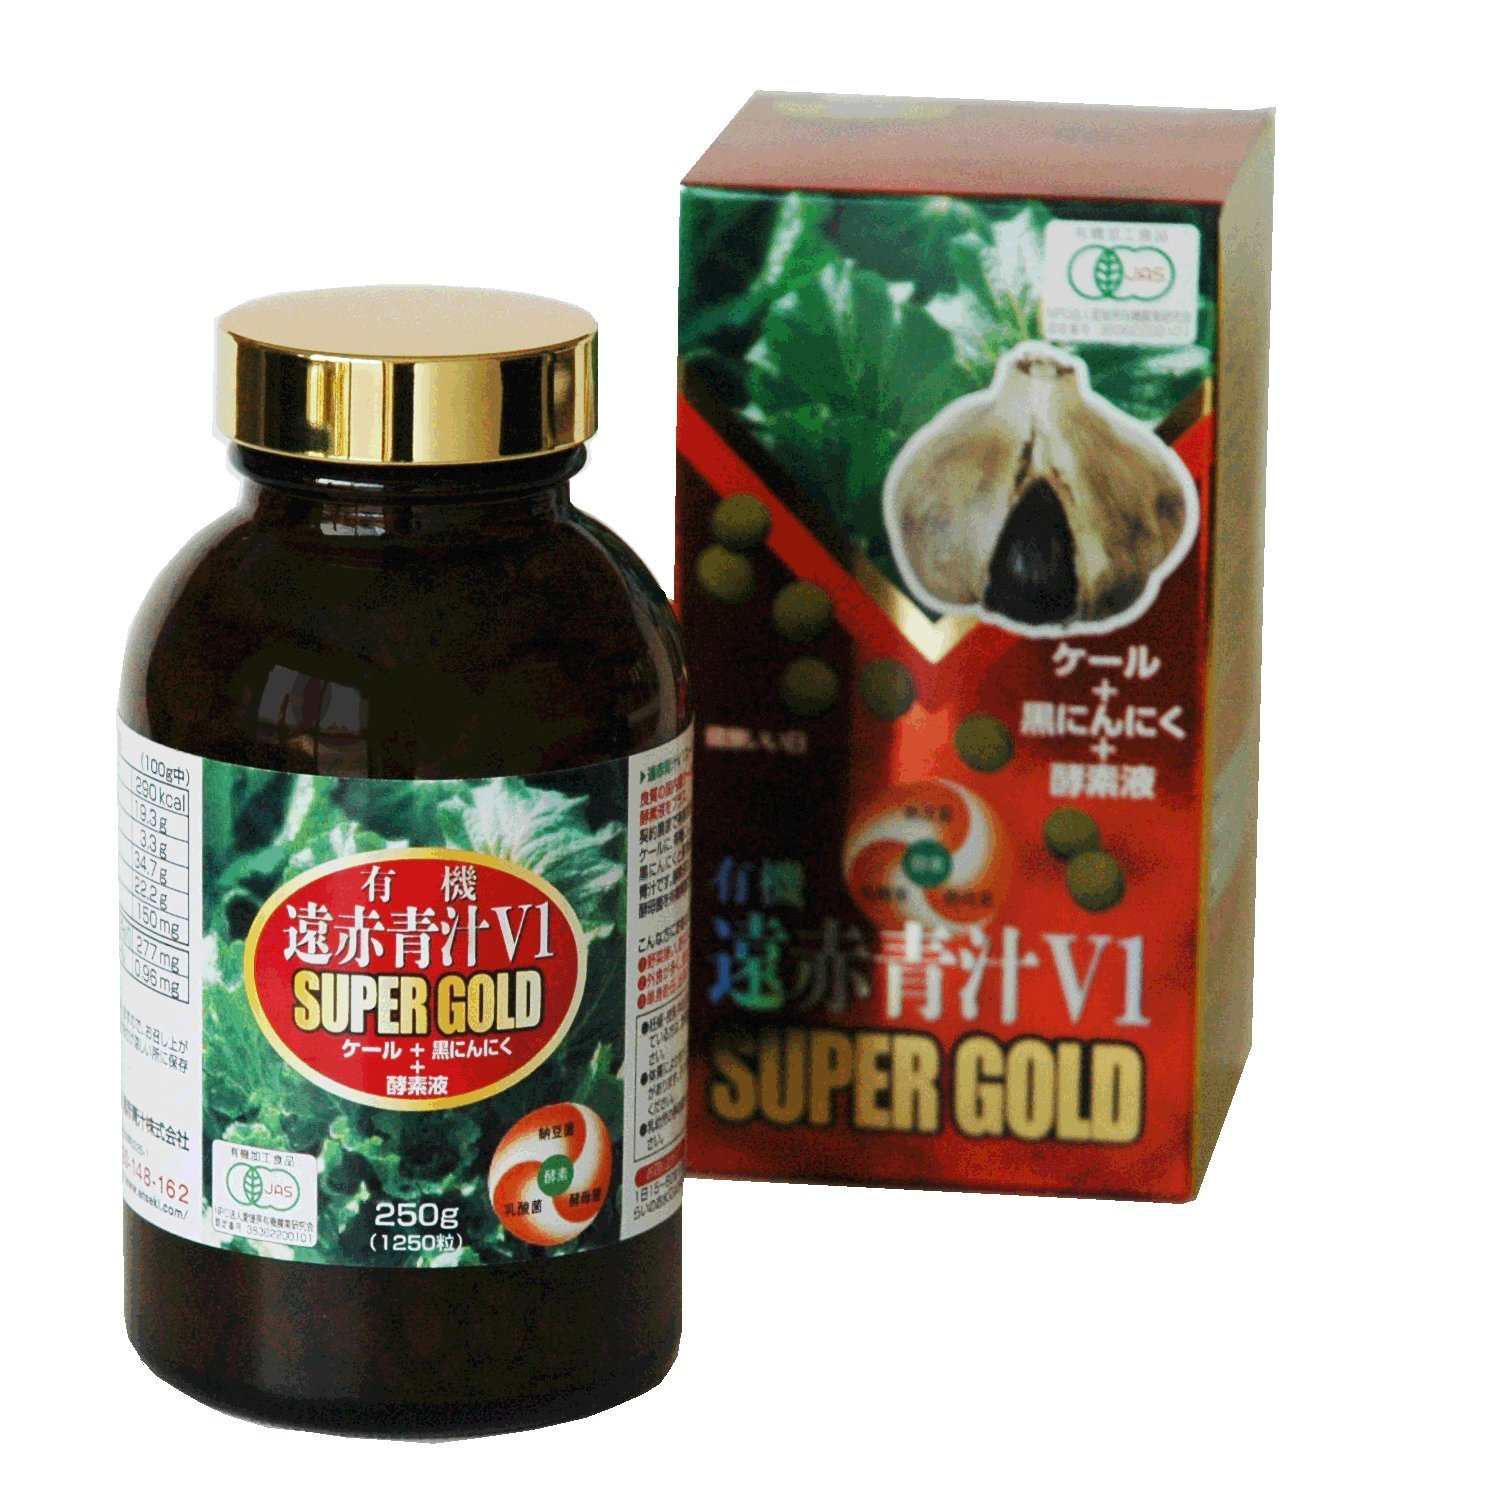 遠赤青汁 V1SUPER GOLD 1250粒 詰替用 B005FIVWSG 1250粒詰替  1250粒詰替